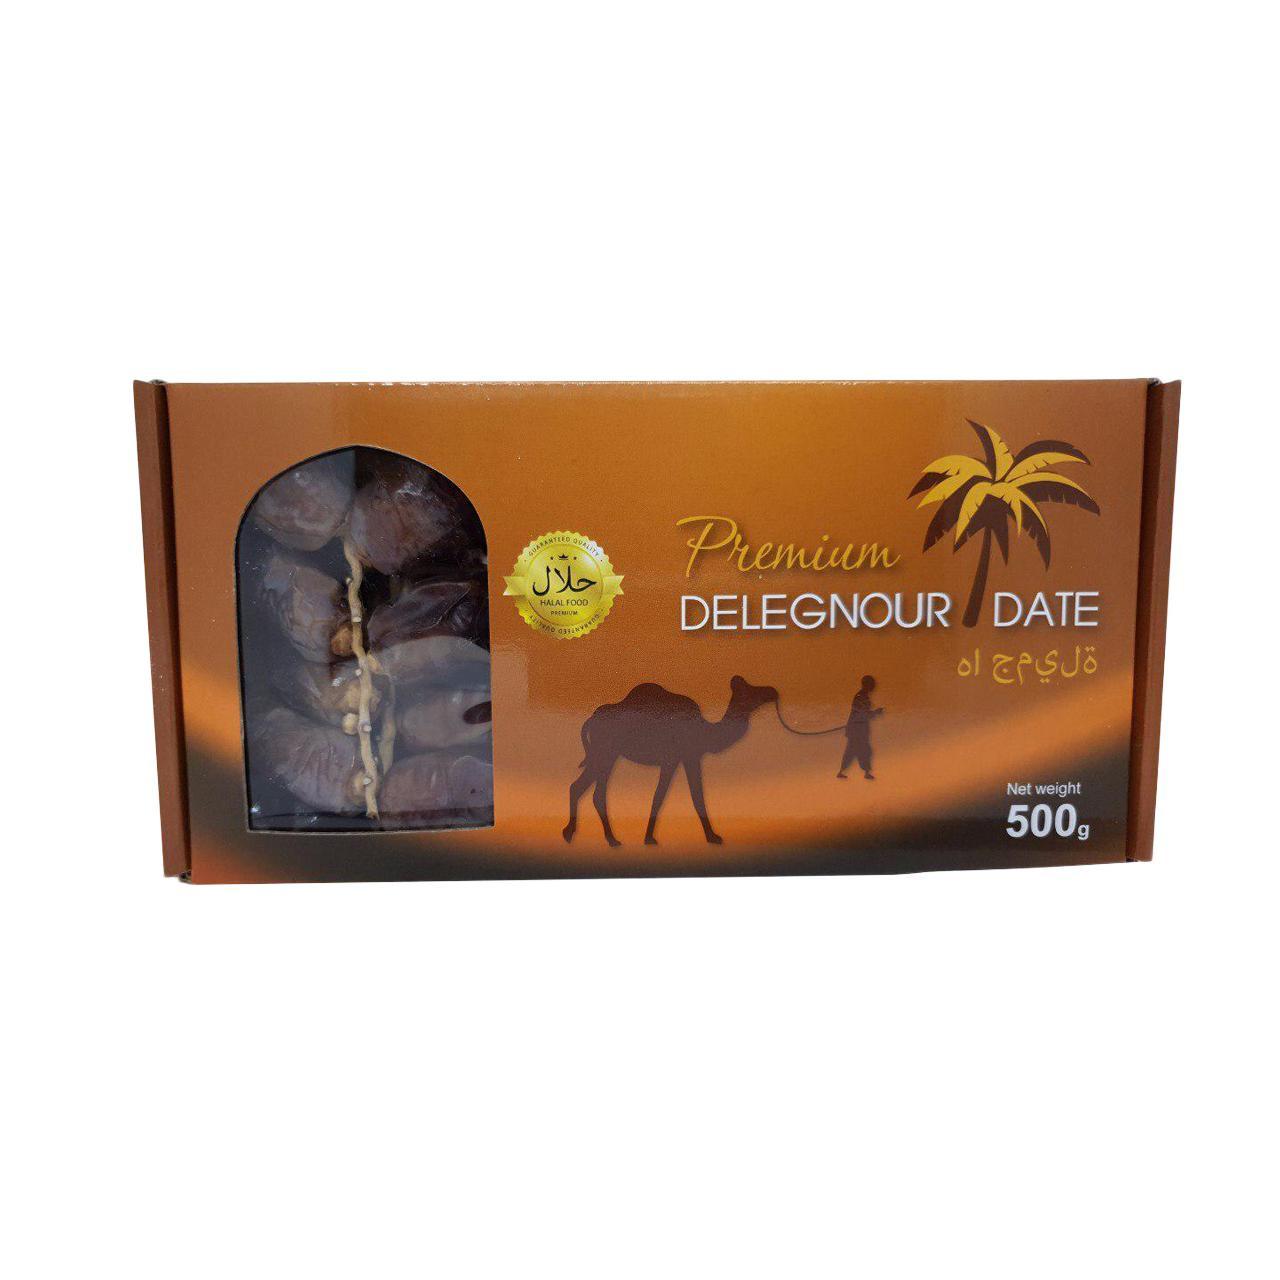 Chà là nguyên cành Premium Delegnour Date 500g